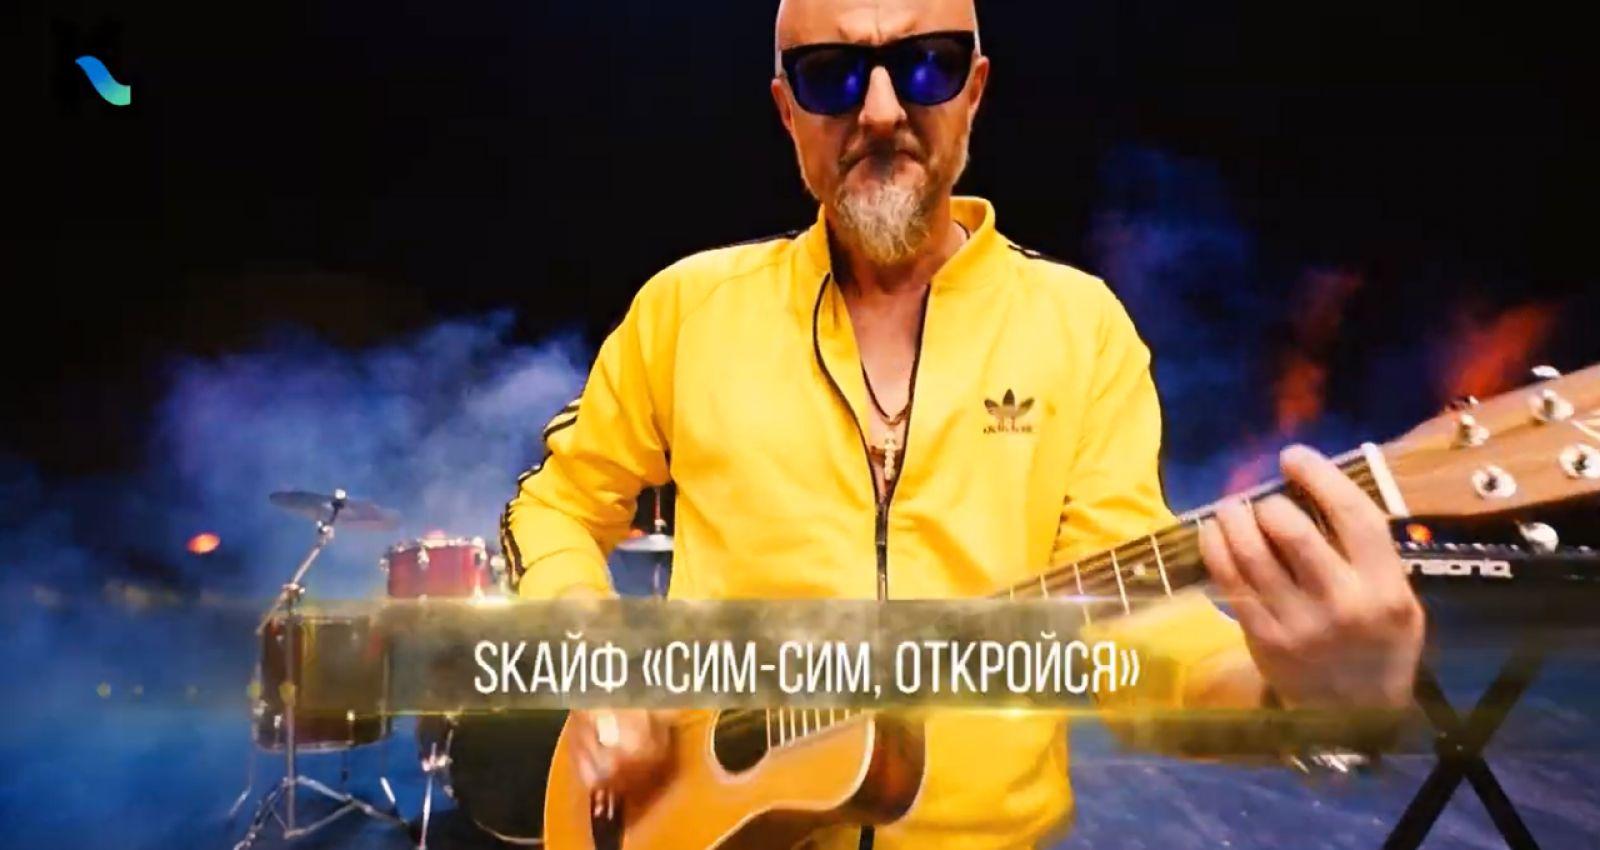 SkaйФ: «Сим-сим»